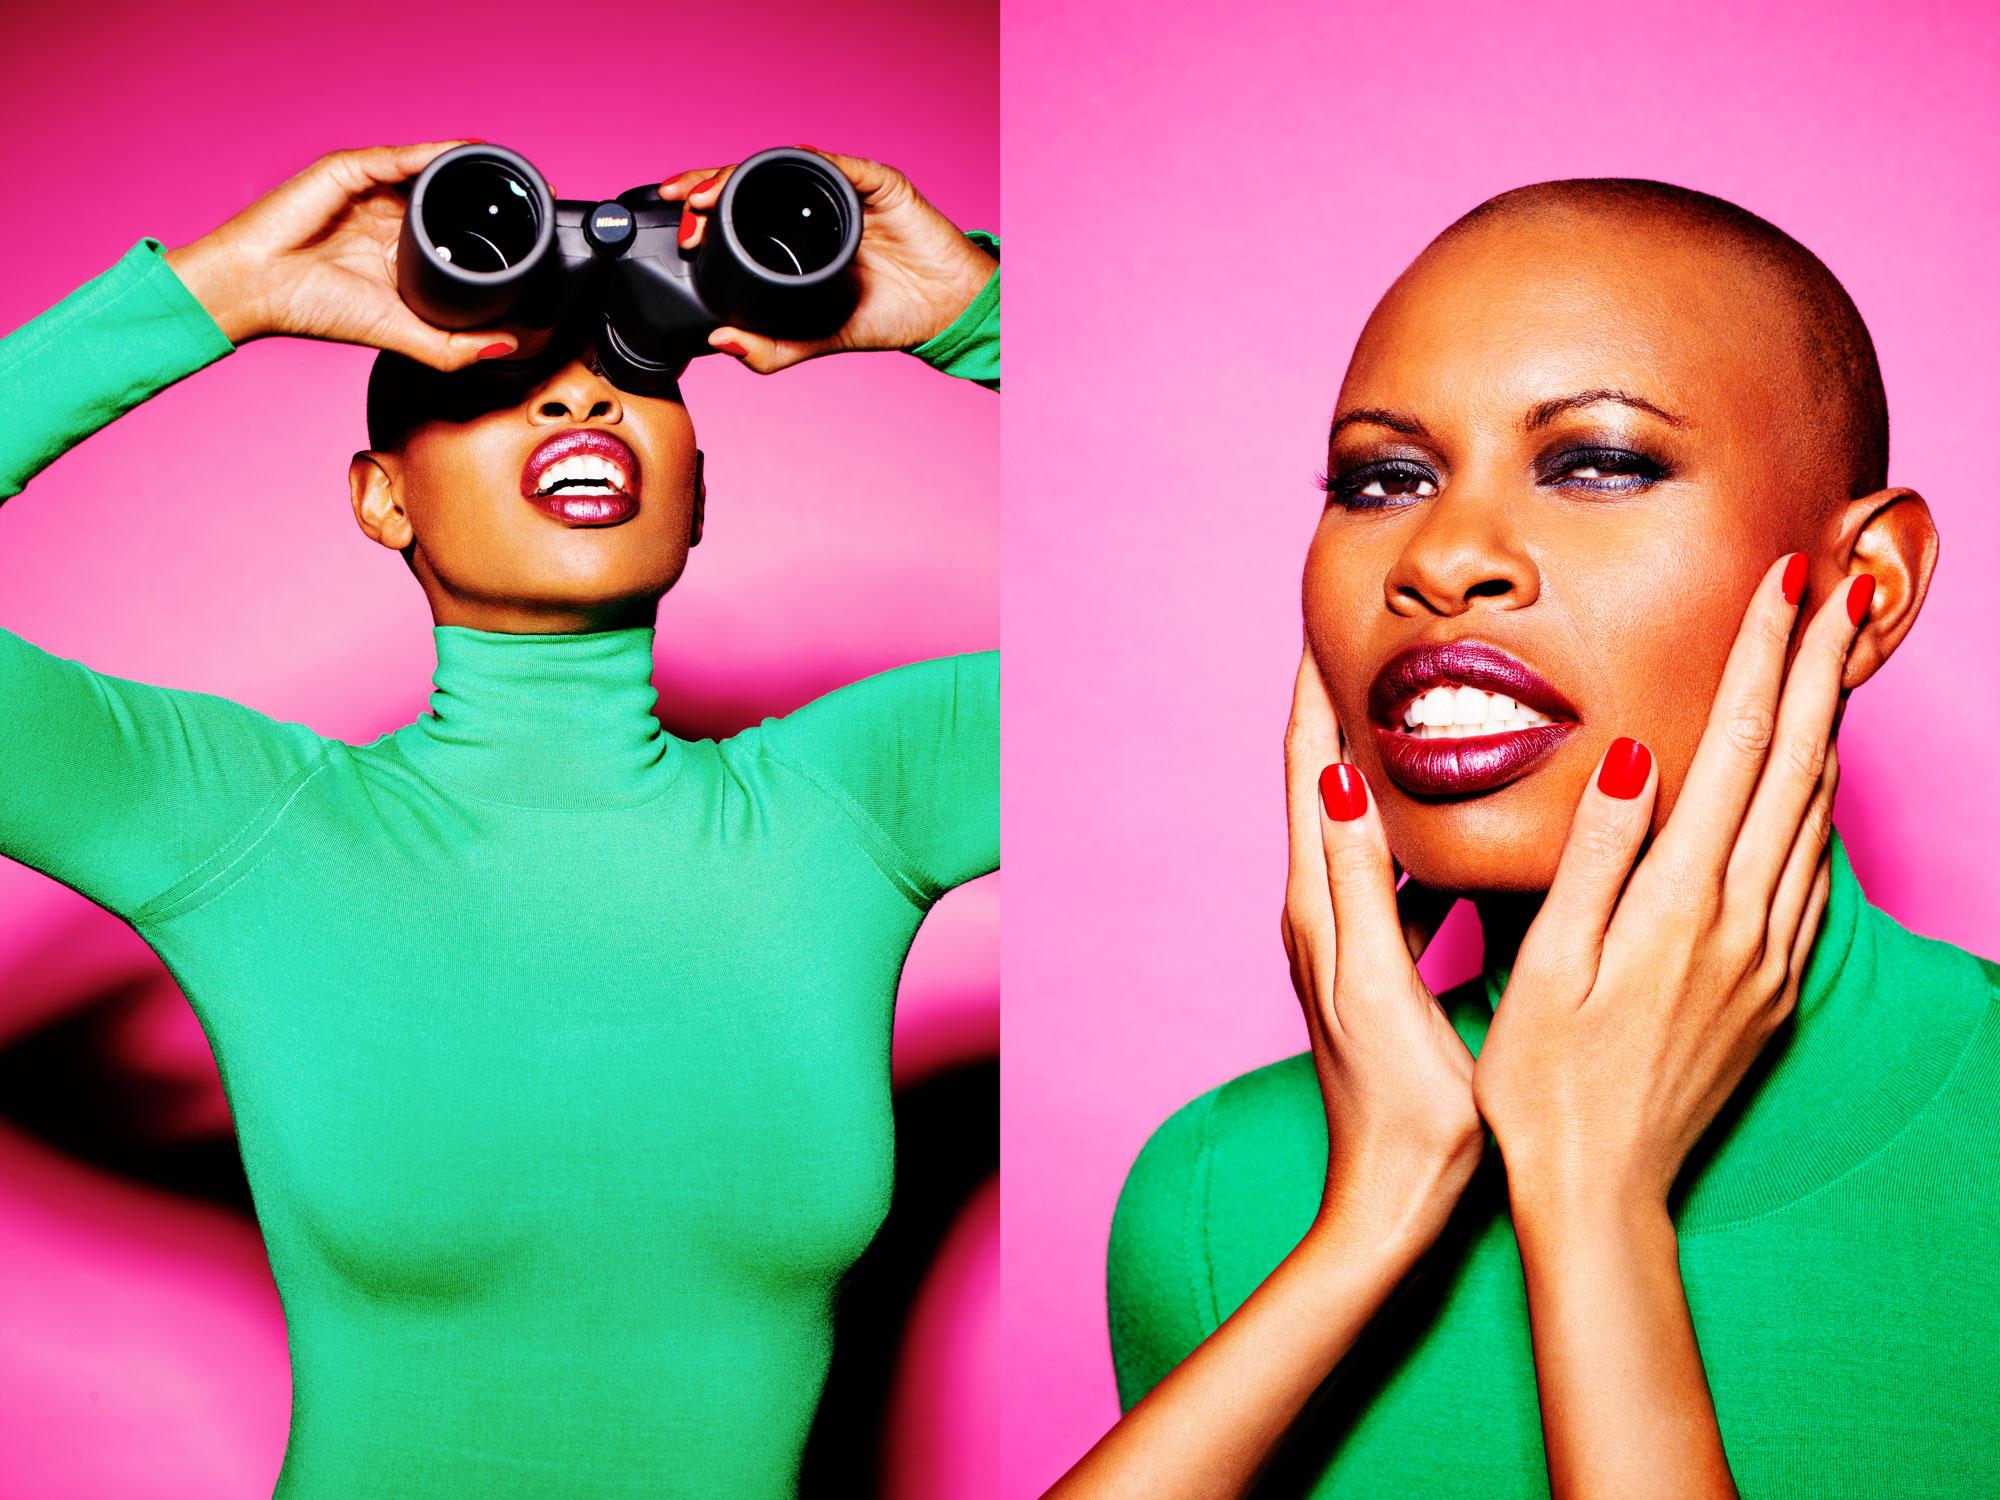 Celebrity Tony Kelly World Fashion Photographer